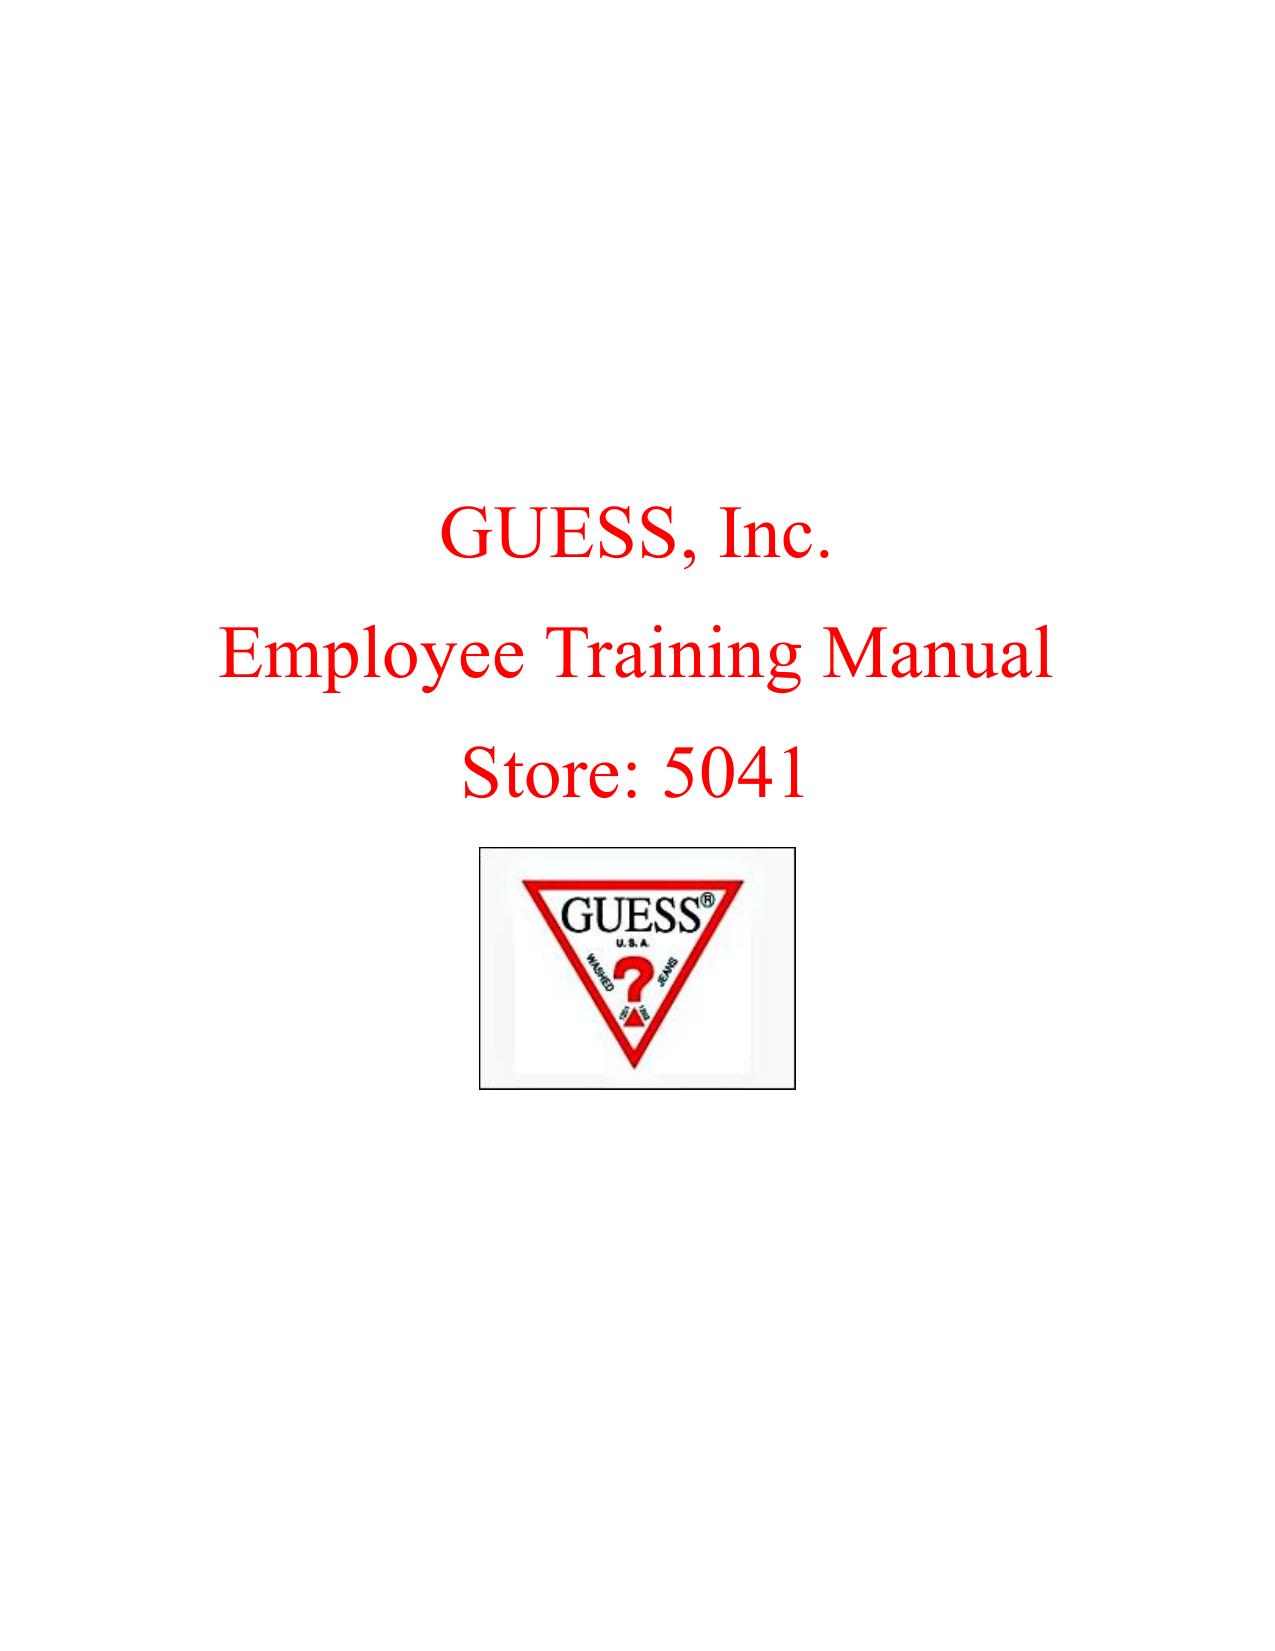 Guess, Inc. Employee Training Manual Store: 5041